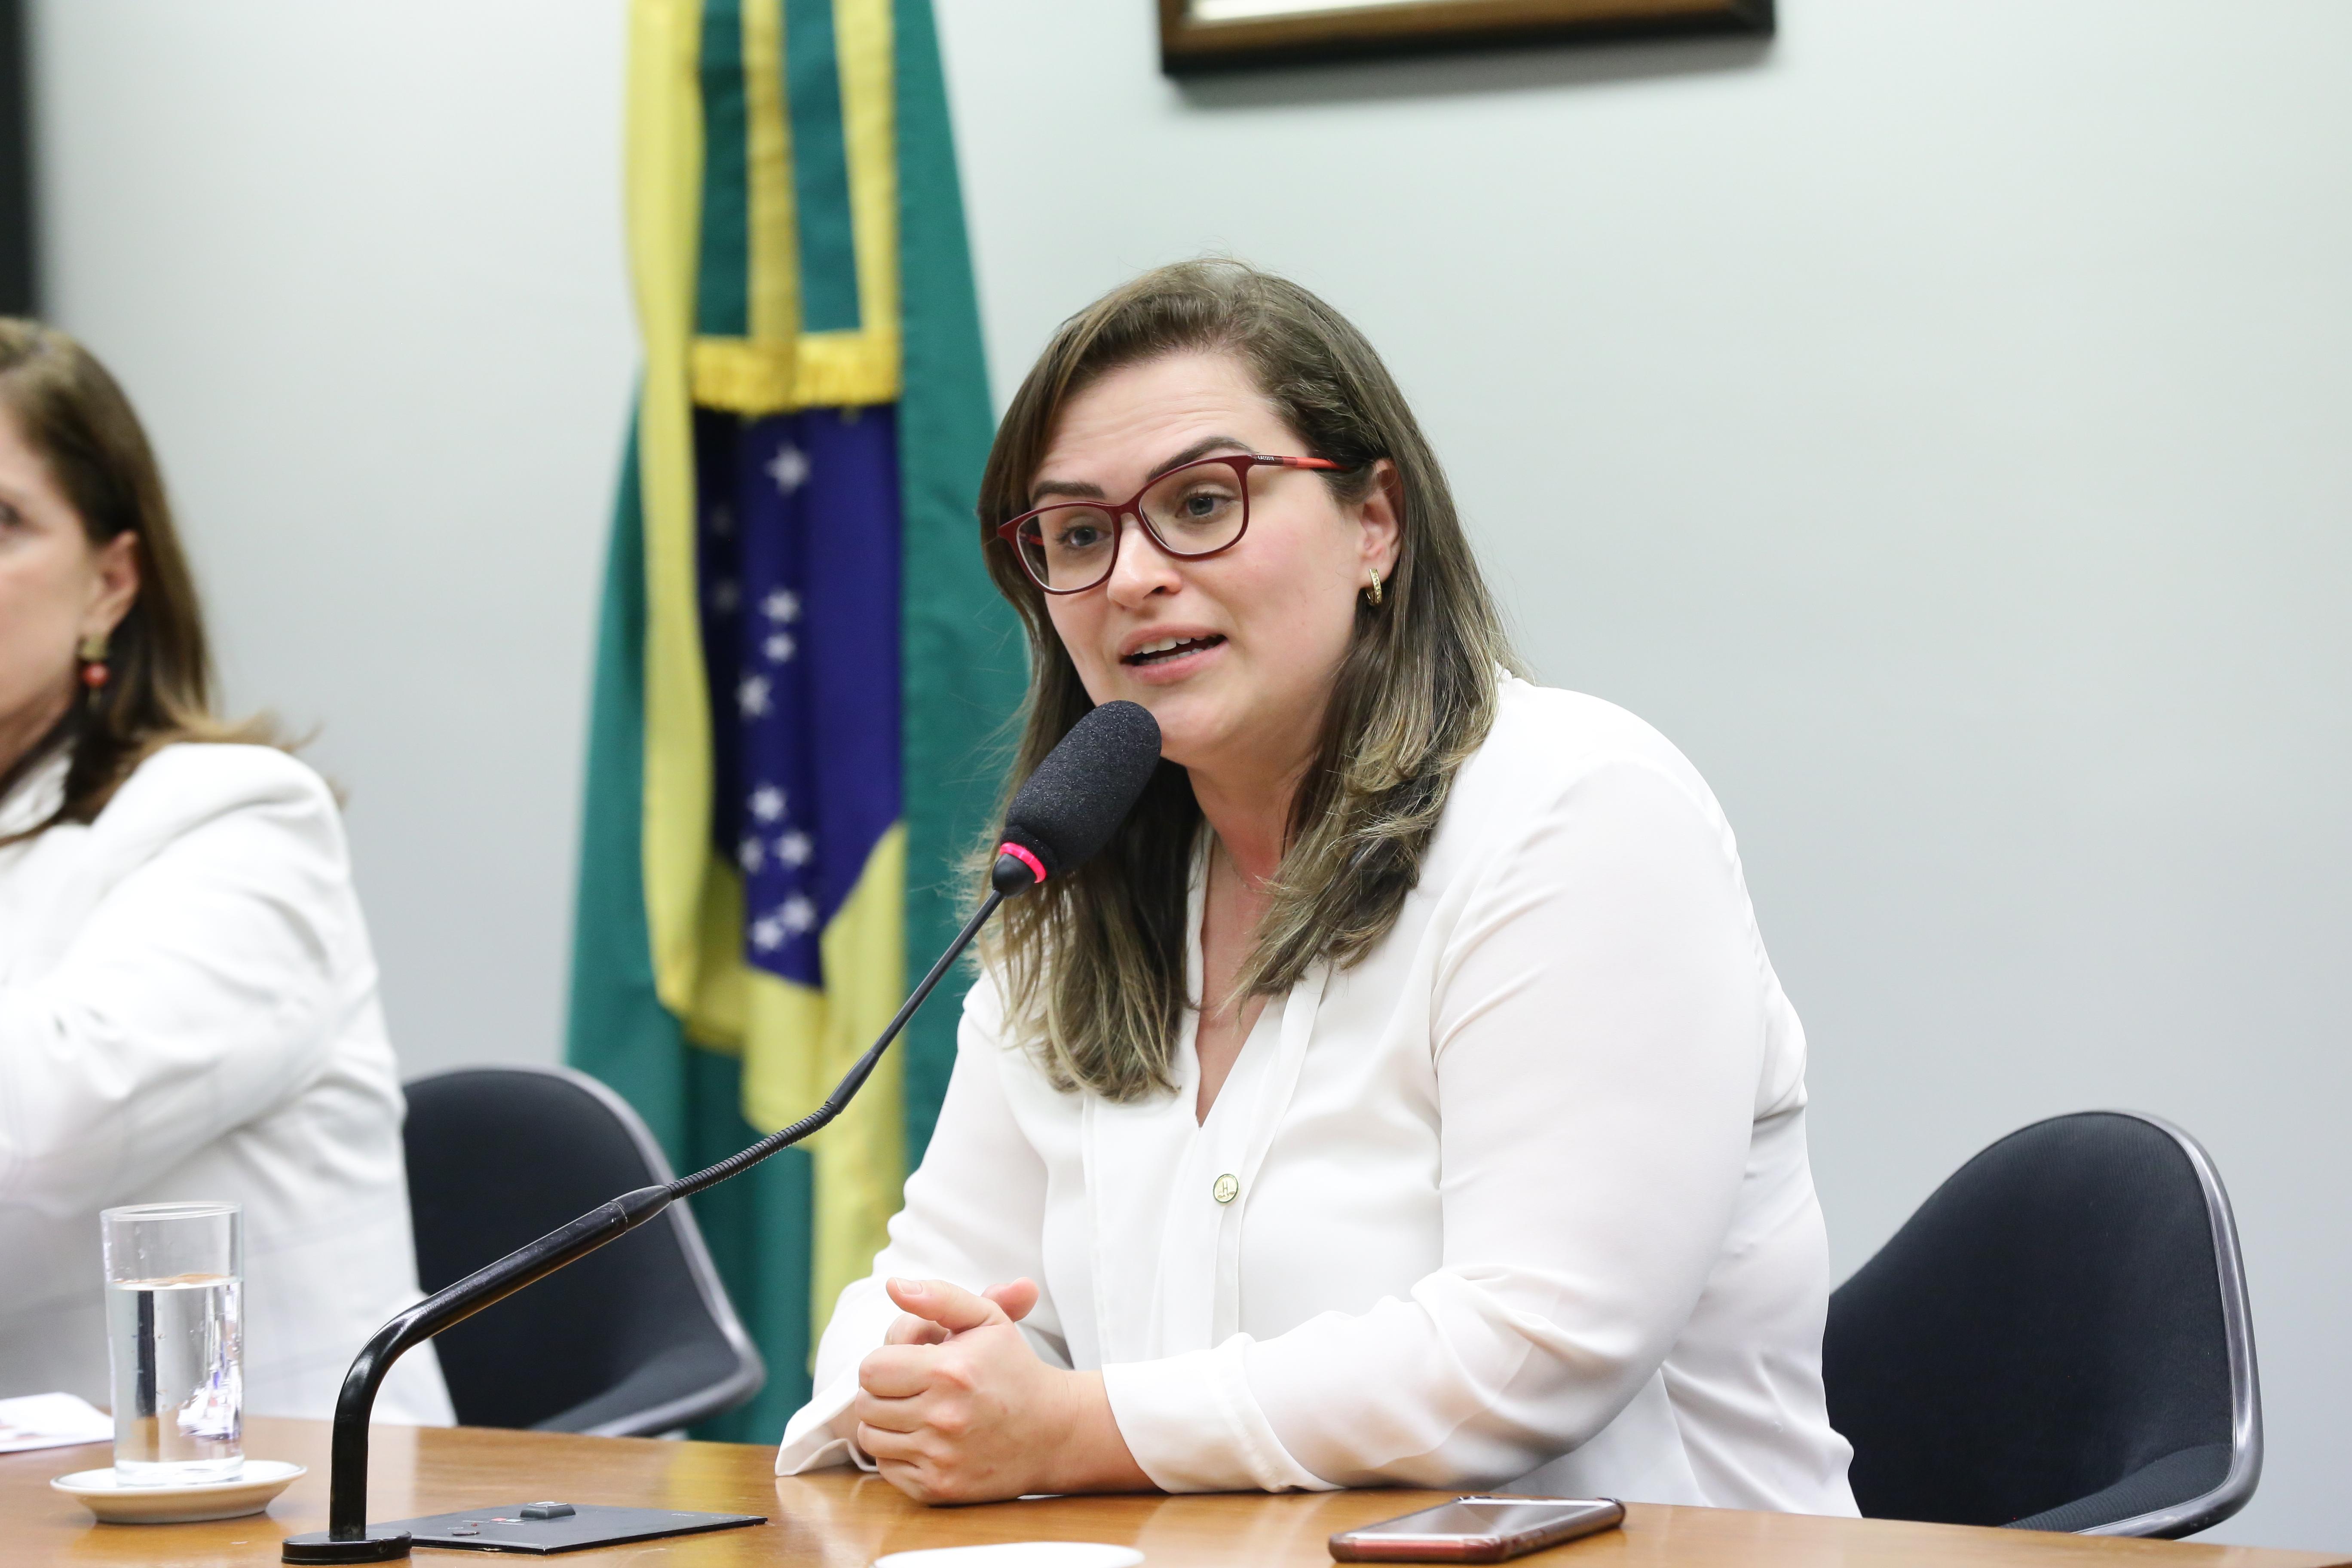 Secretaria da Mulher Eleição da nova coordenadora e as três coordenadoras-adjuntas da Bancada Feminina e da nova Procuradora e as três Procuradoras-Adjuntas da Mulher. Dep. Marília Arraes (PT - PE)